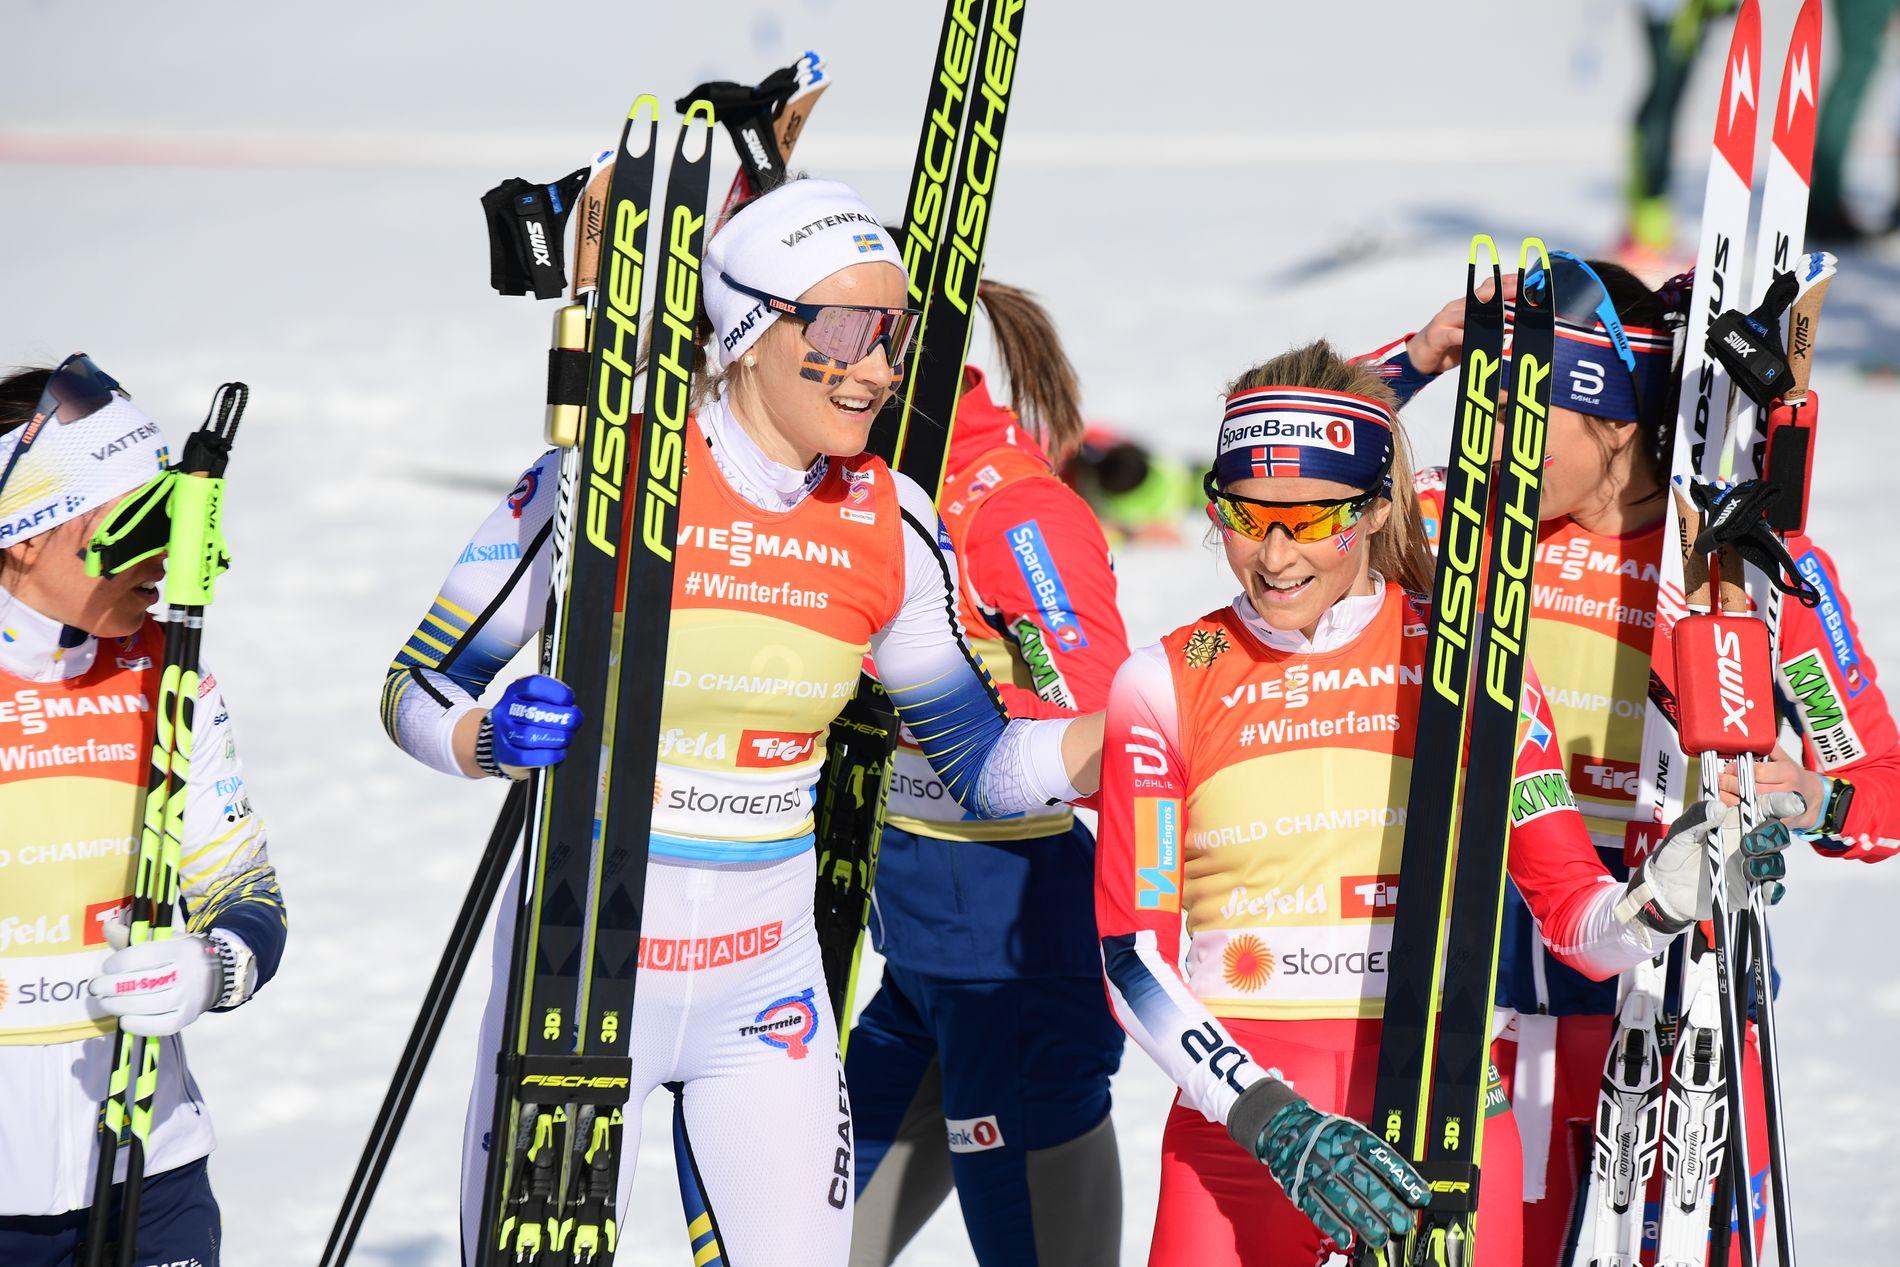 Norge og Johaug ble slått av svenskene på stafetten torsdag.